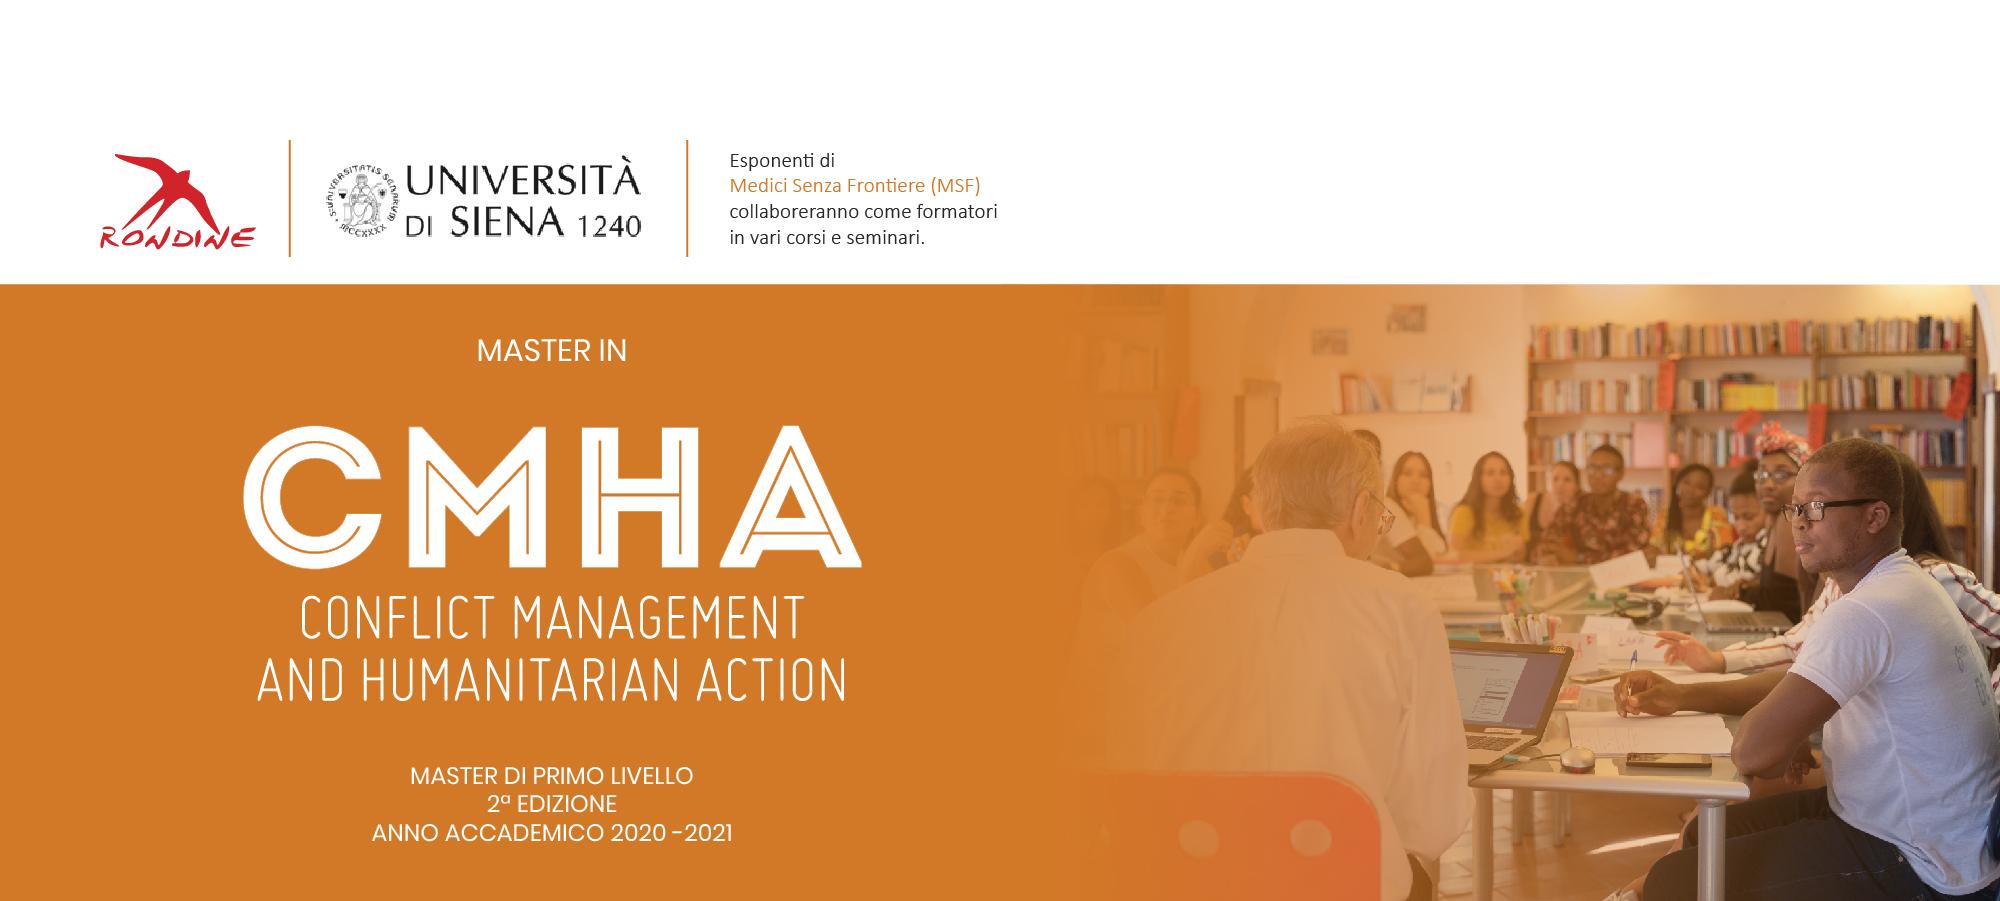 """Master in""""Conflict Management and Humanitarian Action"""", aperto il bando alla seconda edizione"""